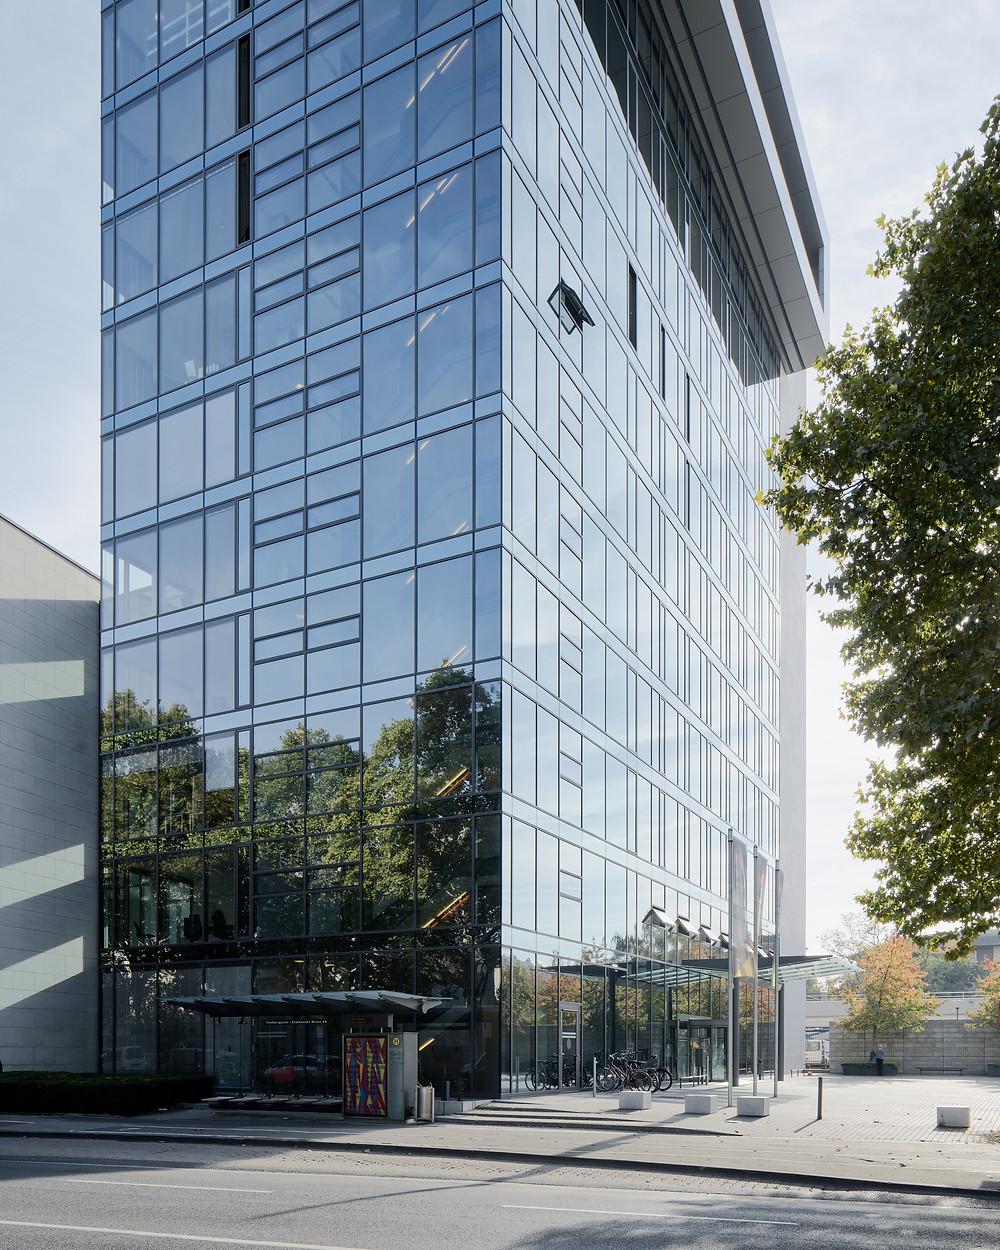 Architekturaufnahme der Mainzer Stadtwerkezentrale in Mainz.